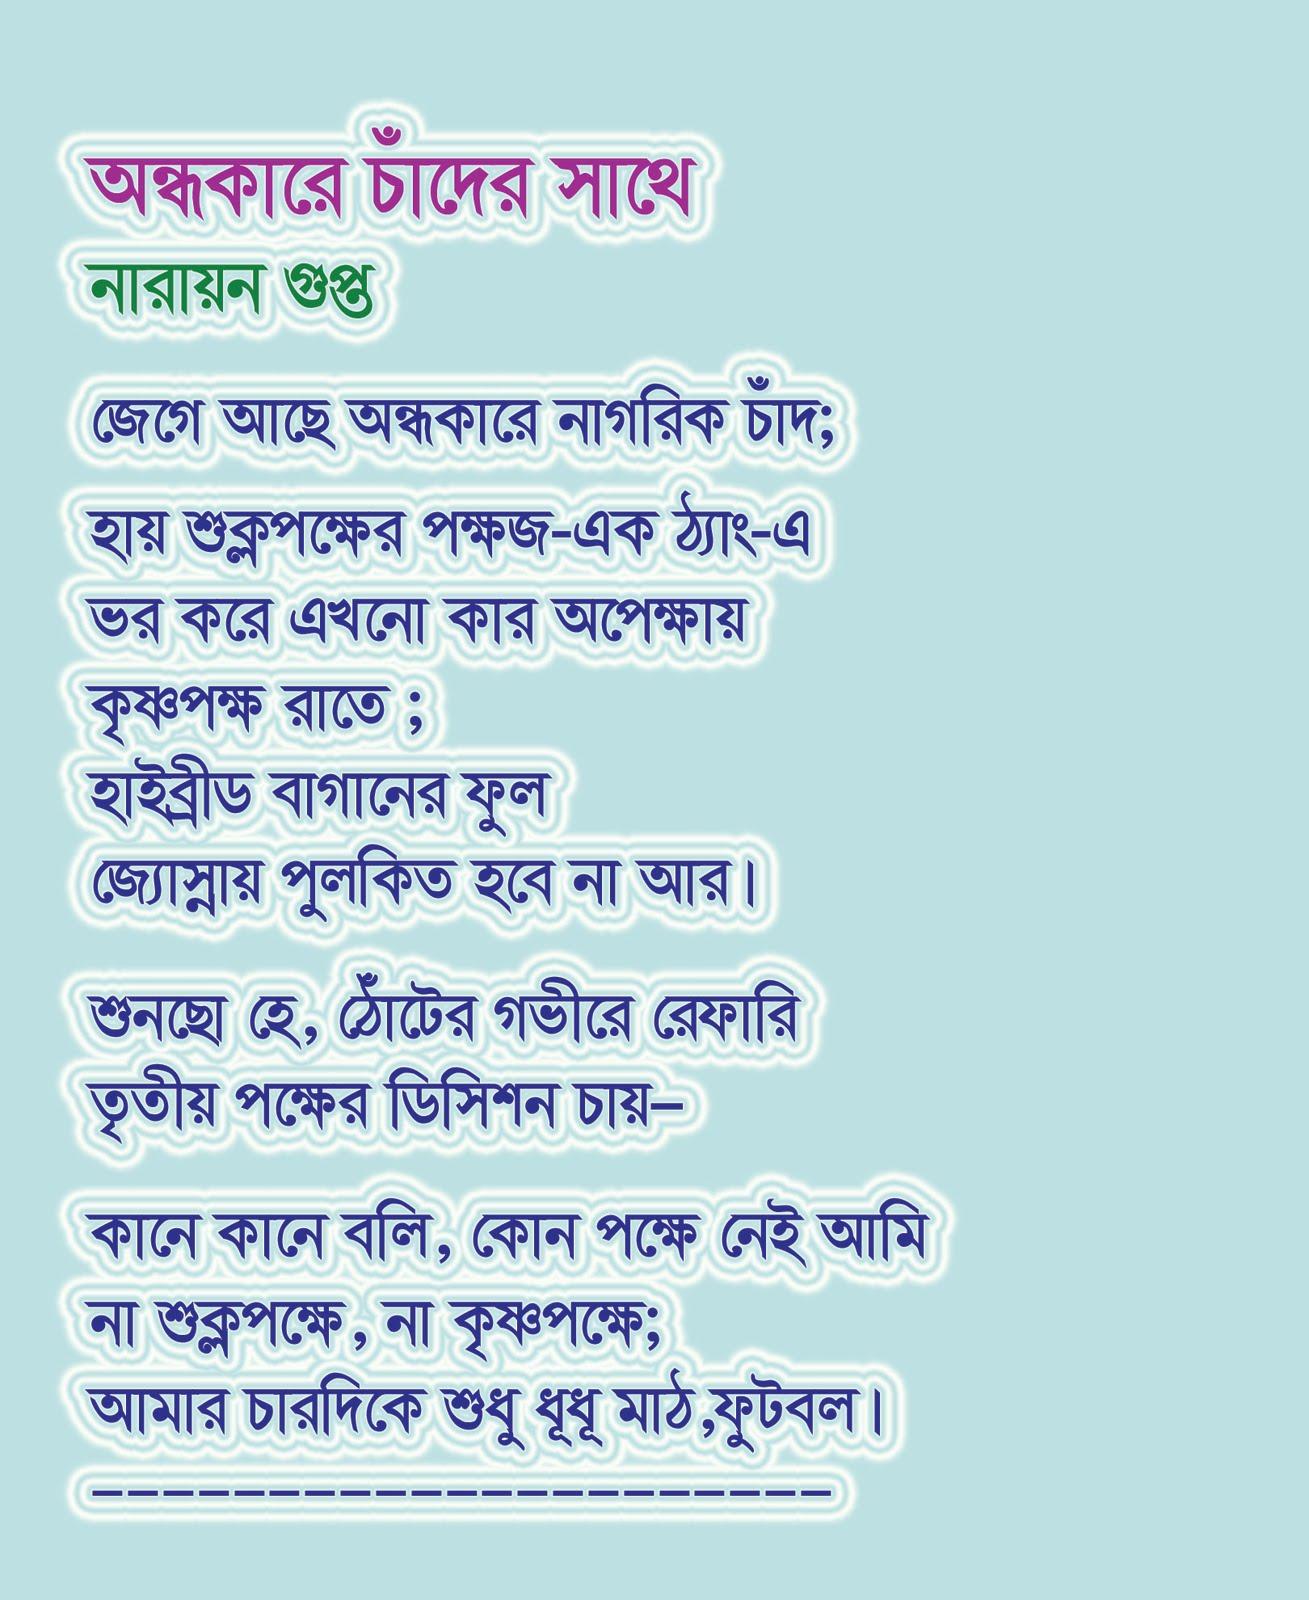 Andhakare Chader Sathe